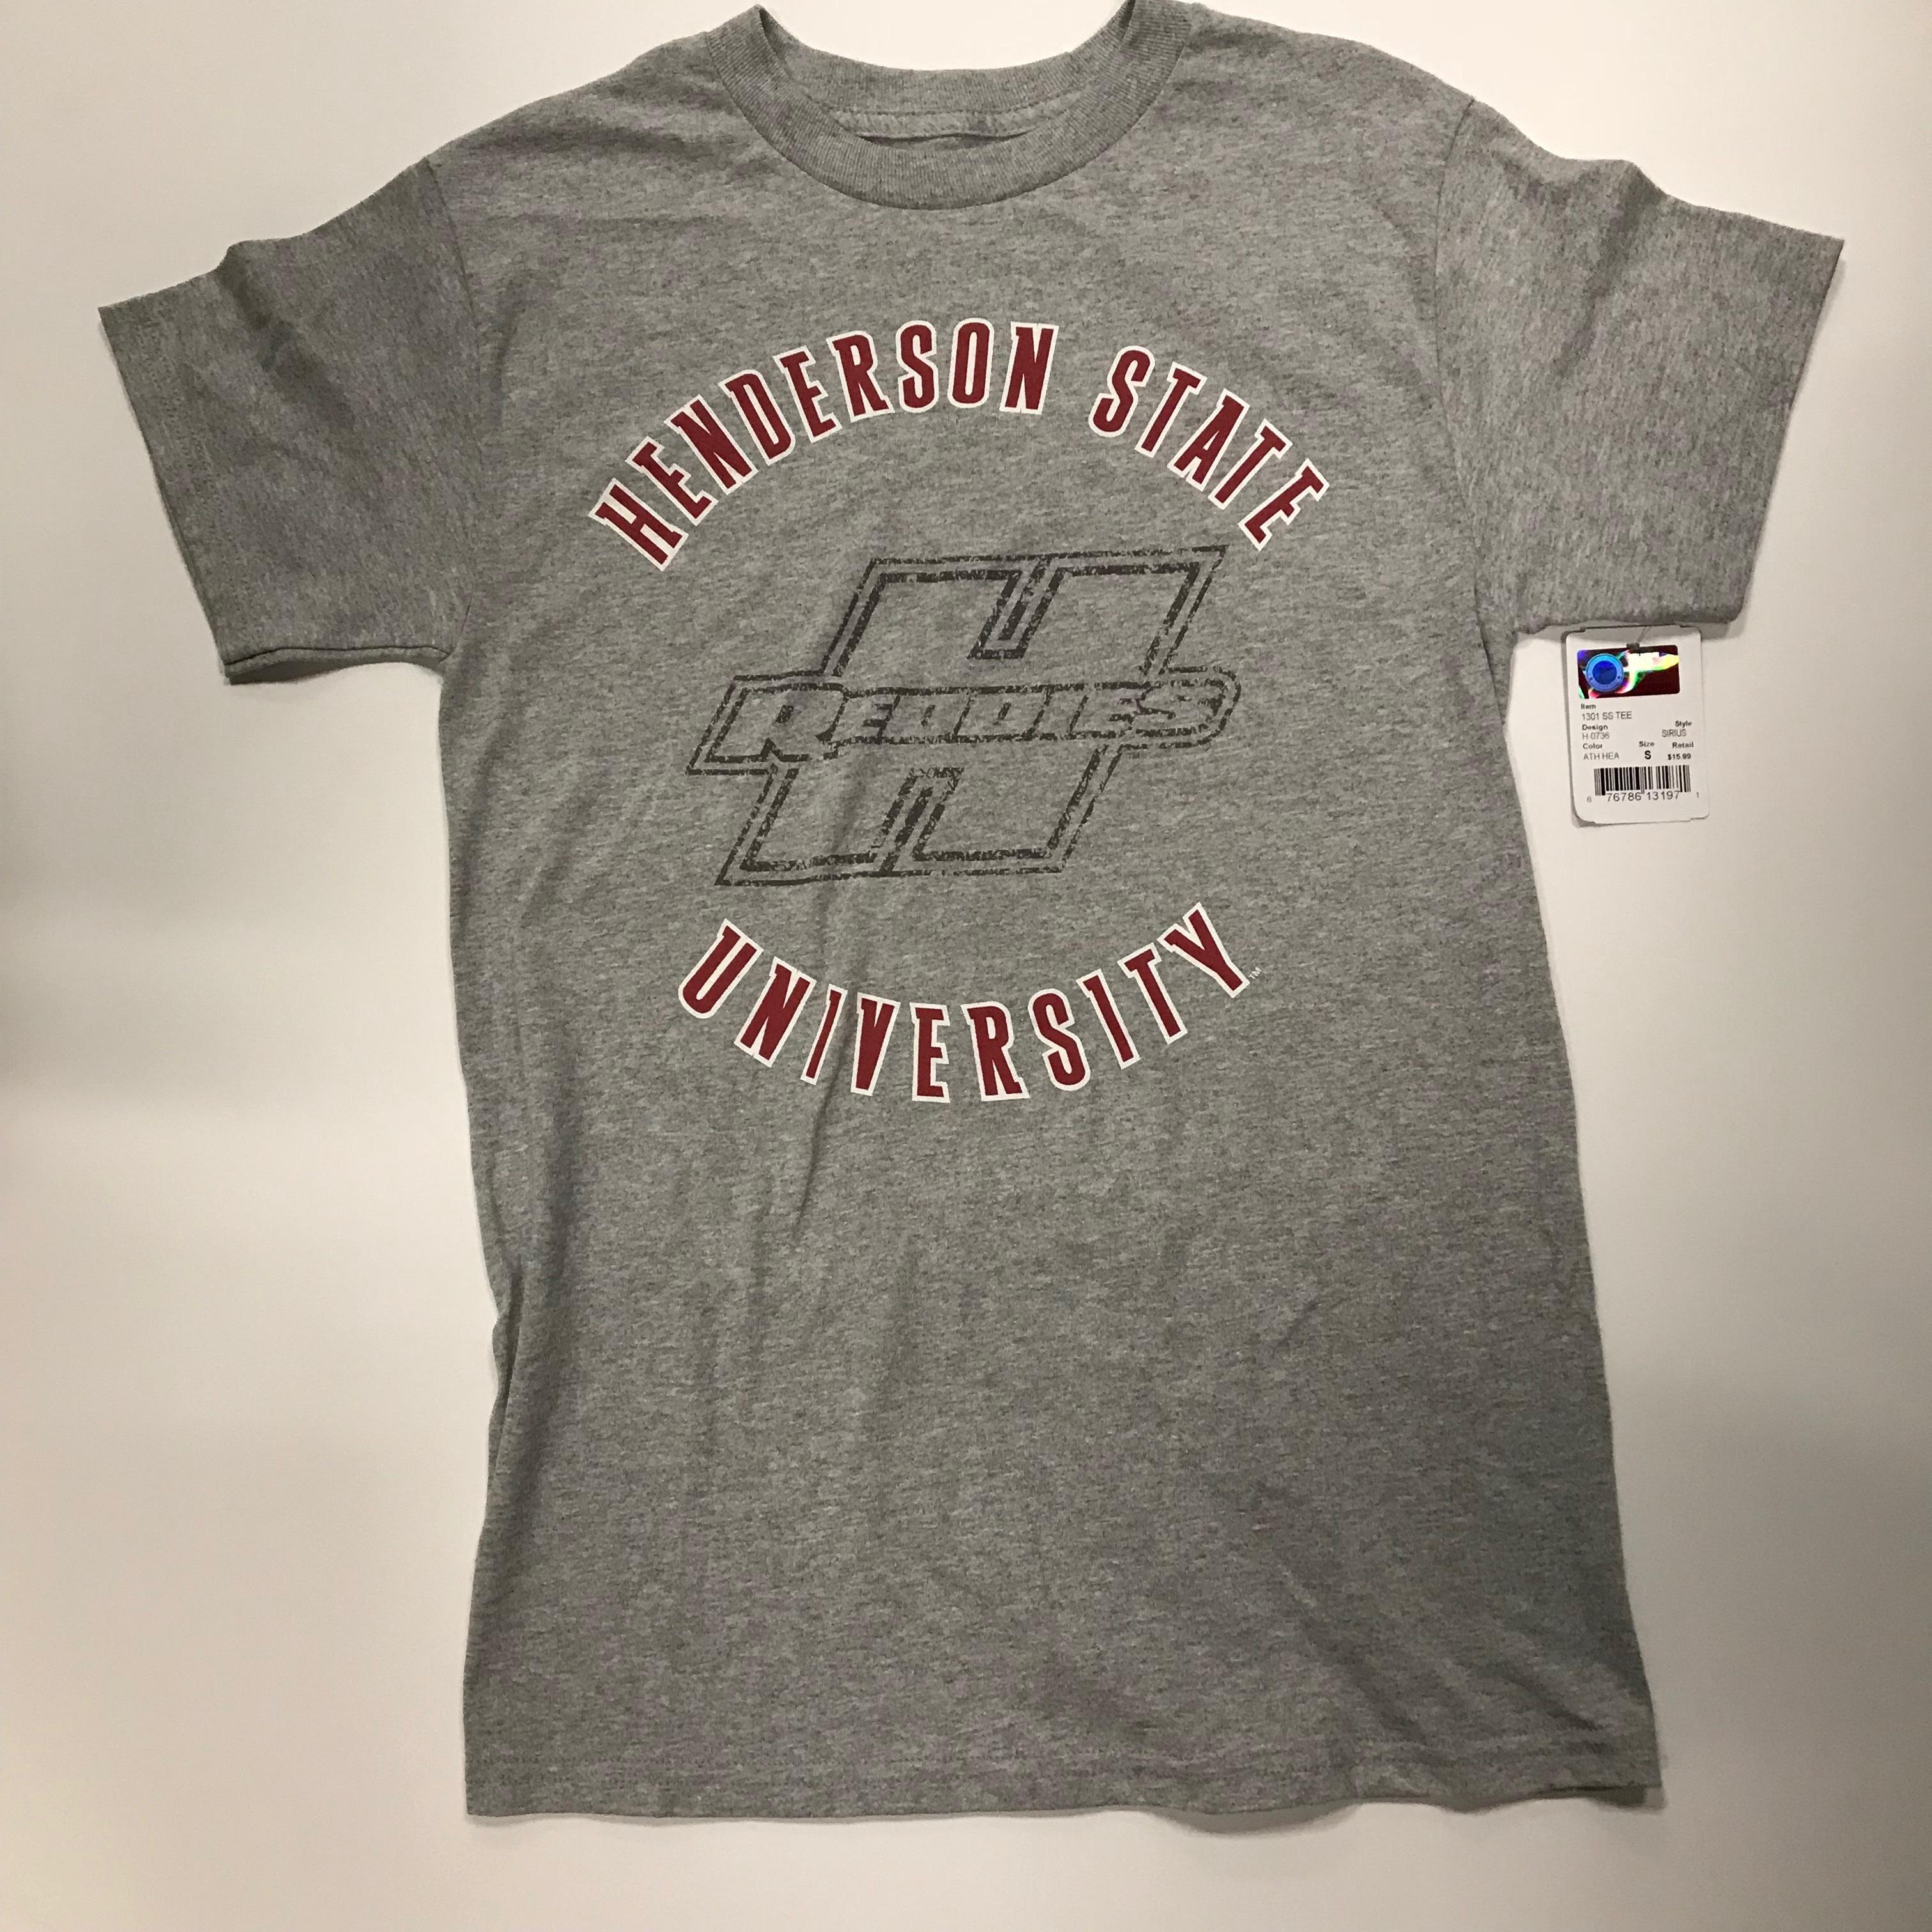 Henderson State University HReddies Tee